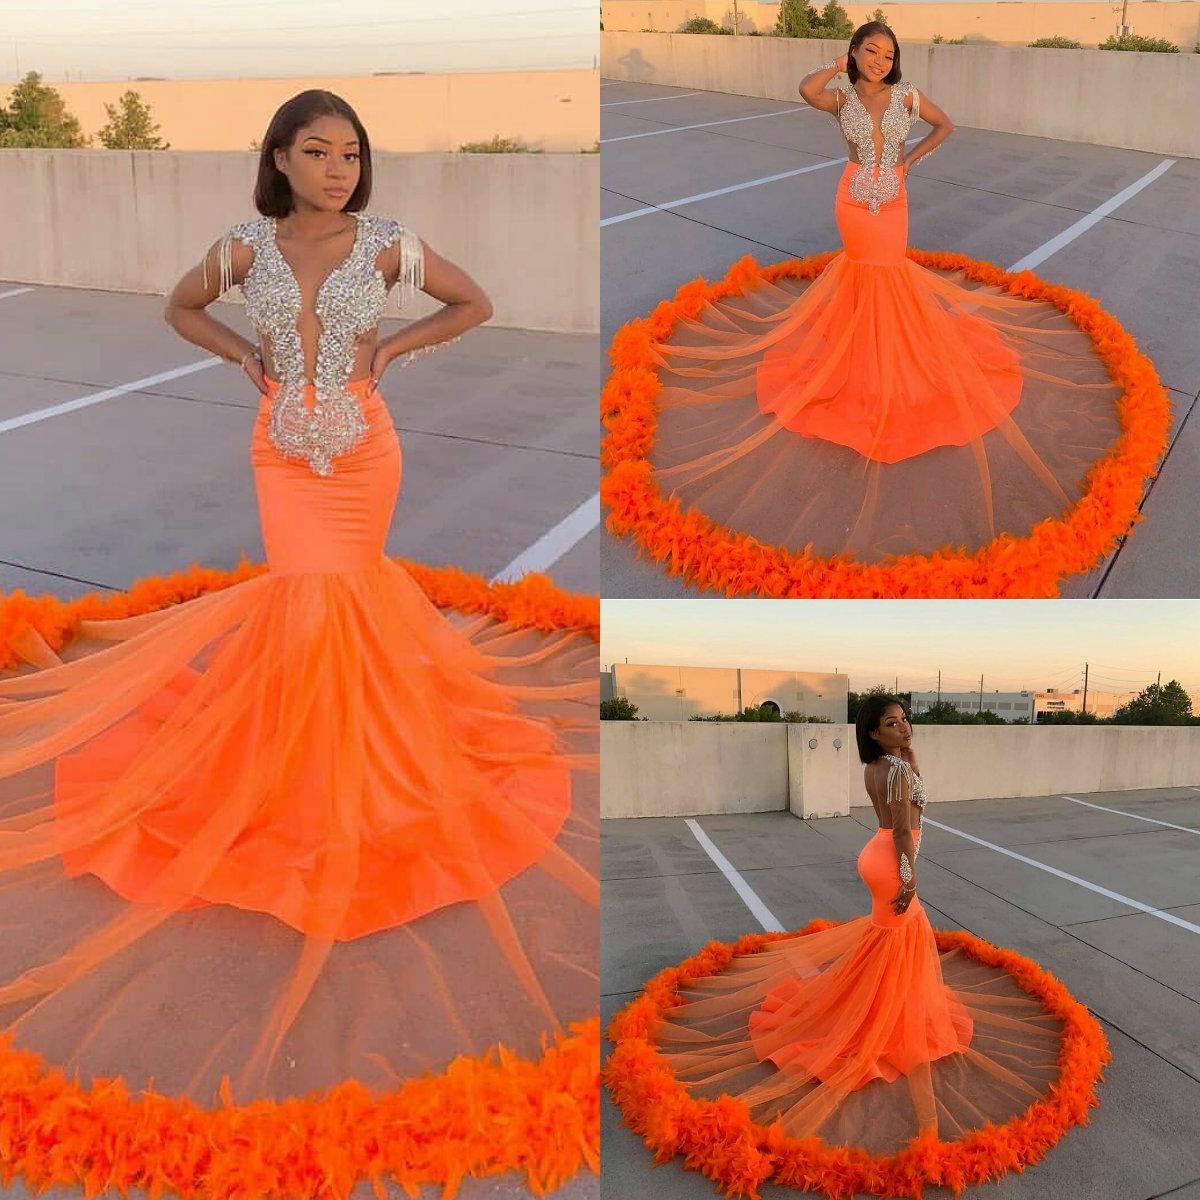 Naranja sirena de los vestidos de noche de cristal rebordear Top pluma de barrido tren vestido de fiesta Backless atractivos Negro niñas desfile desgaste del traje